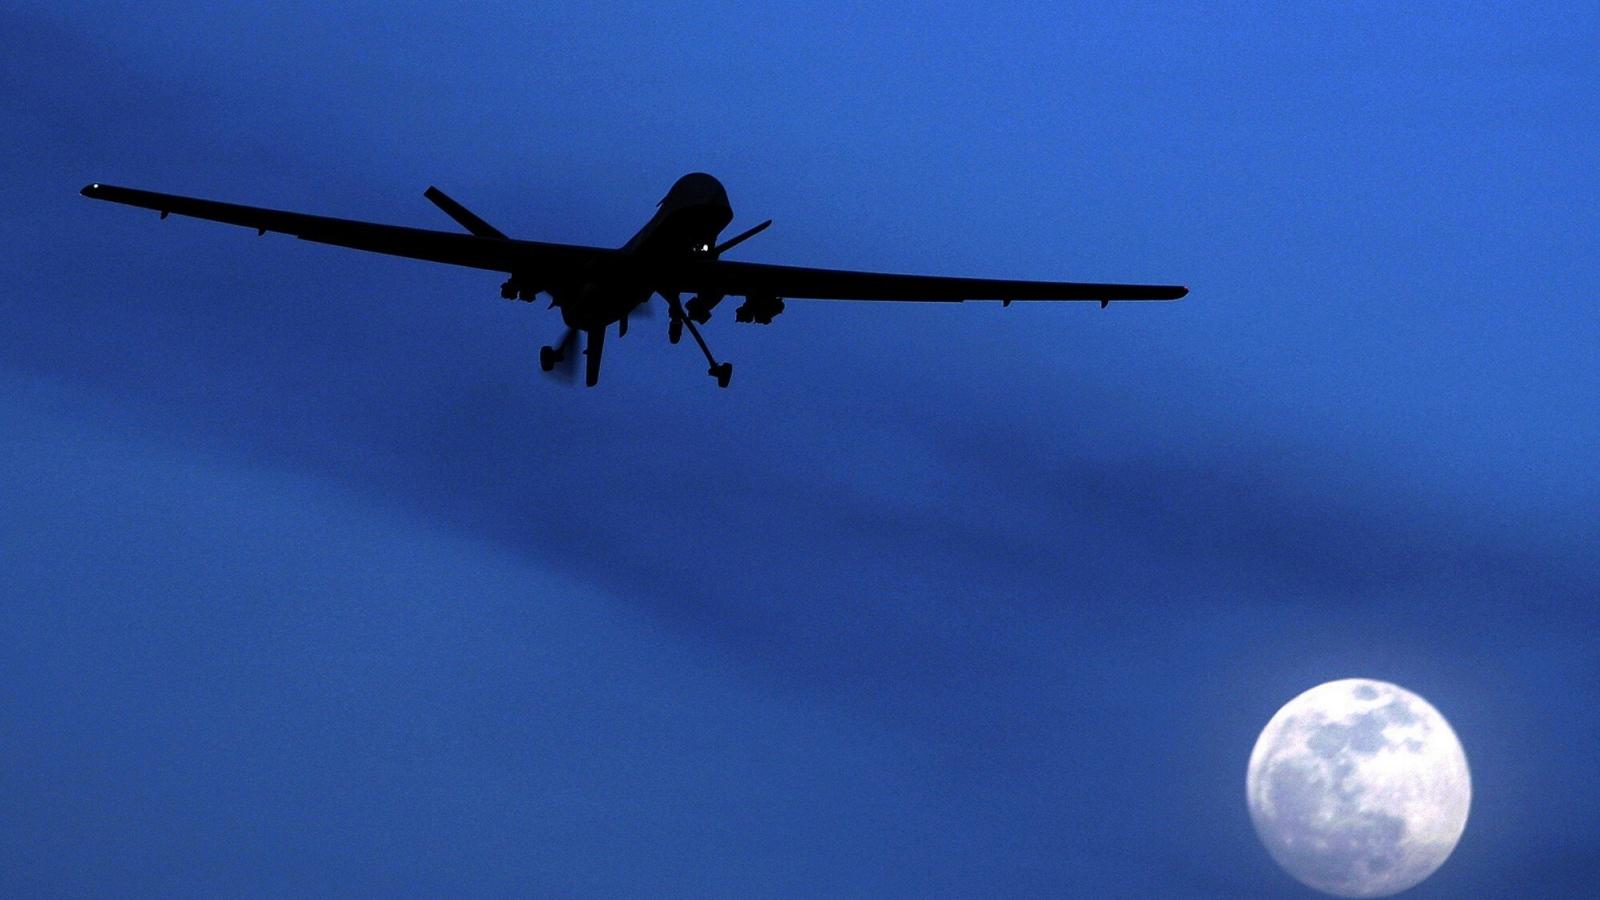 Mỹ sắp đạt thỏa thuận sử dụng không phận với Pakistan cho các hoạt động tại Afghanistan